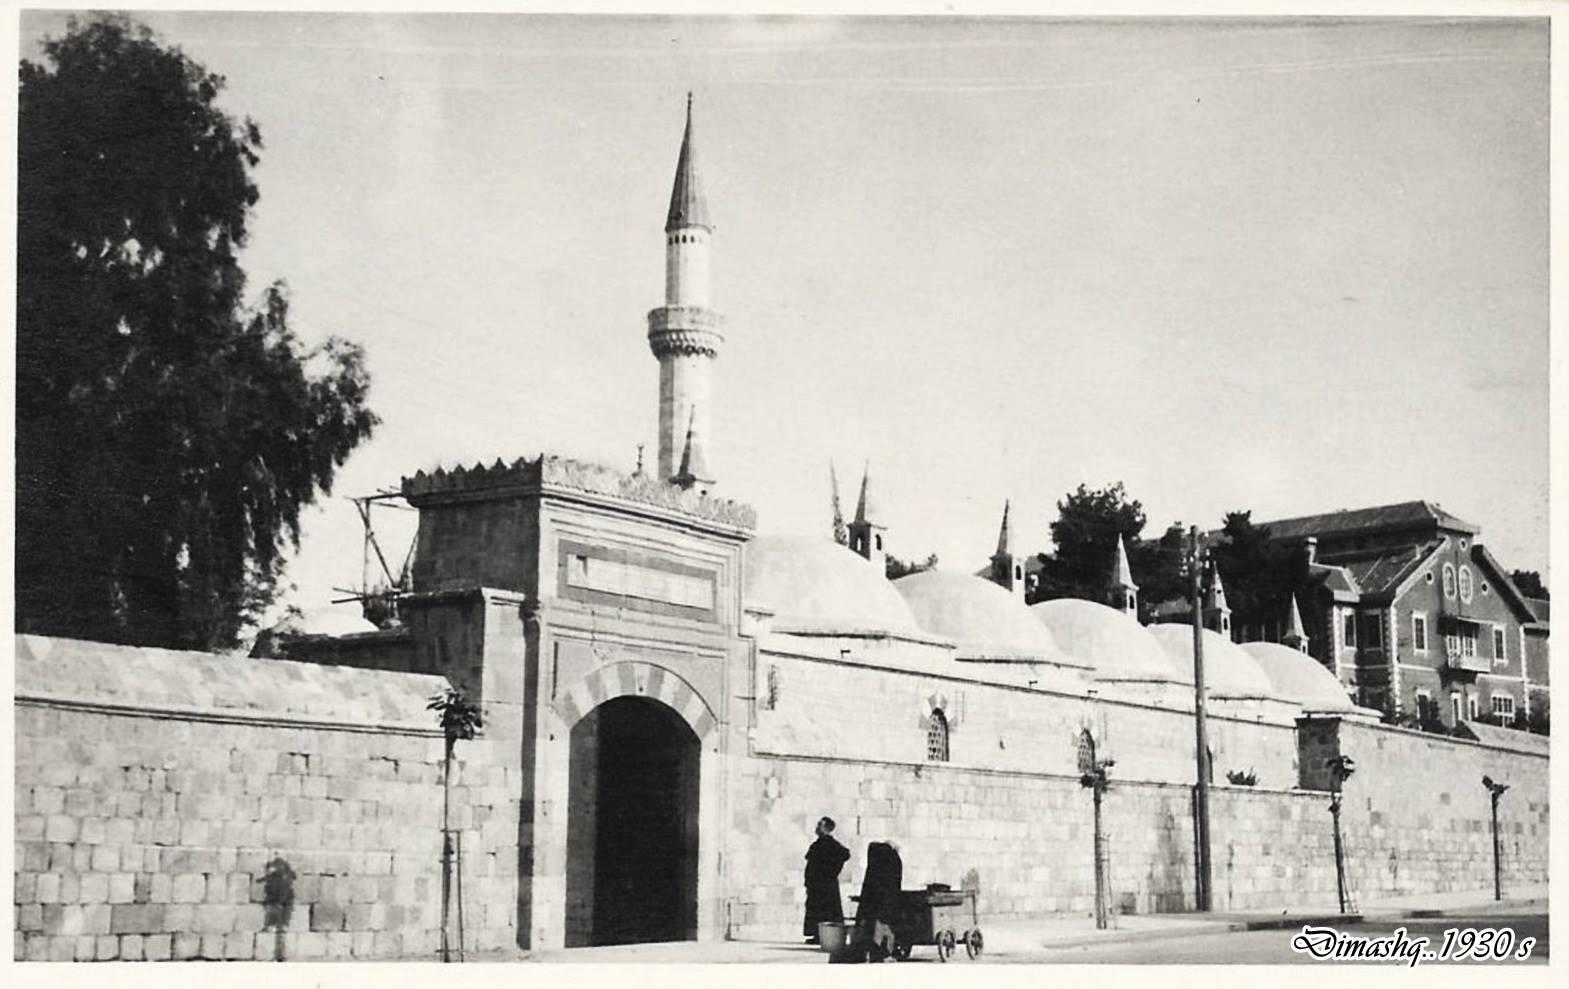 دمشق - الباب الغربي للتكية السليمانية..بالثلاثينات..